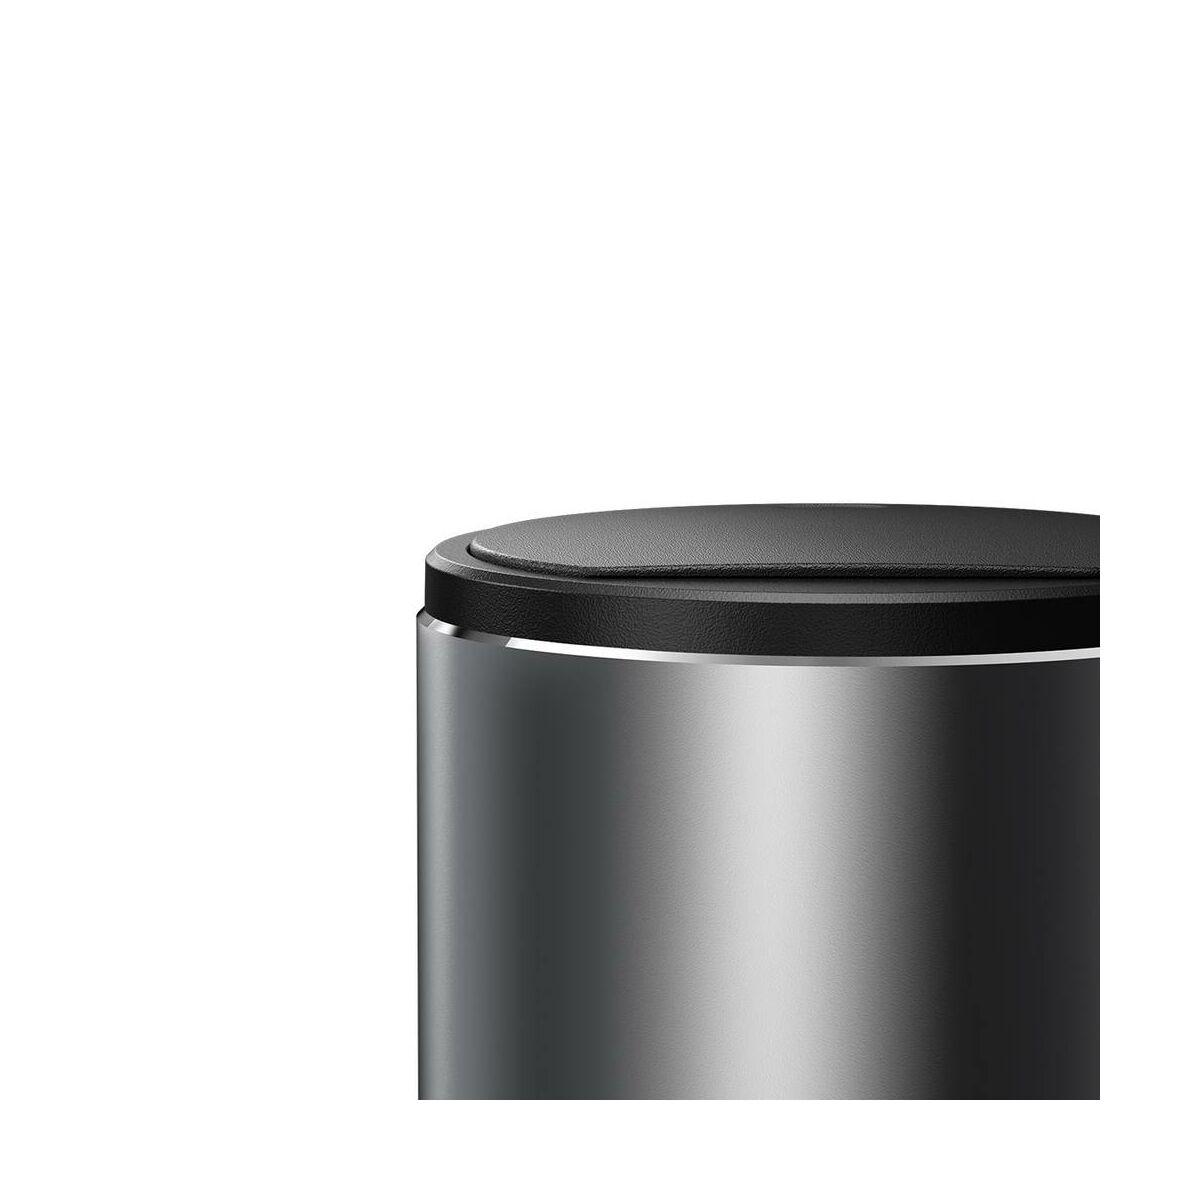 Baseus autós kiegészítő, Gentleman Style szemetes kuka (1 roll/30db a csomag tartalma), szürke (CRLJT-0G)